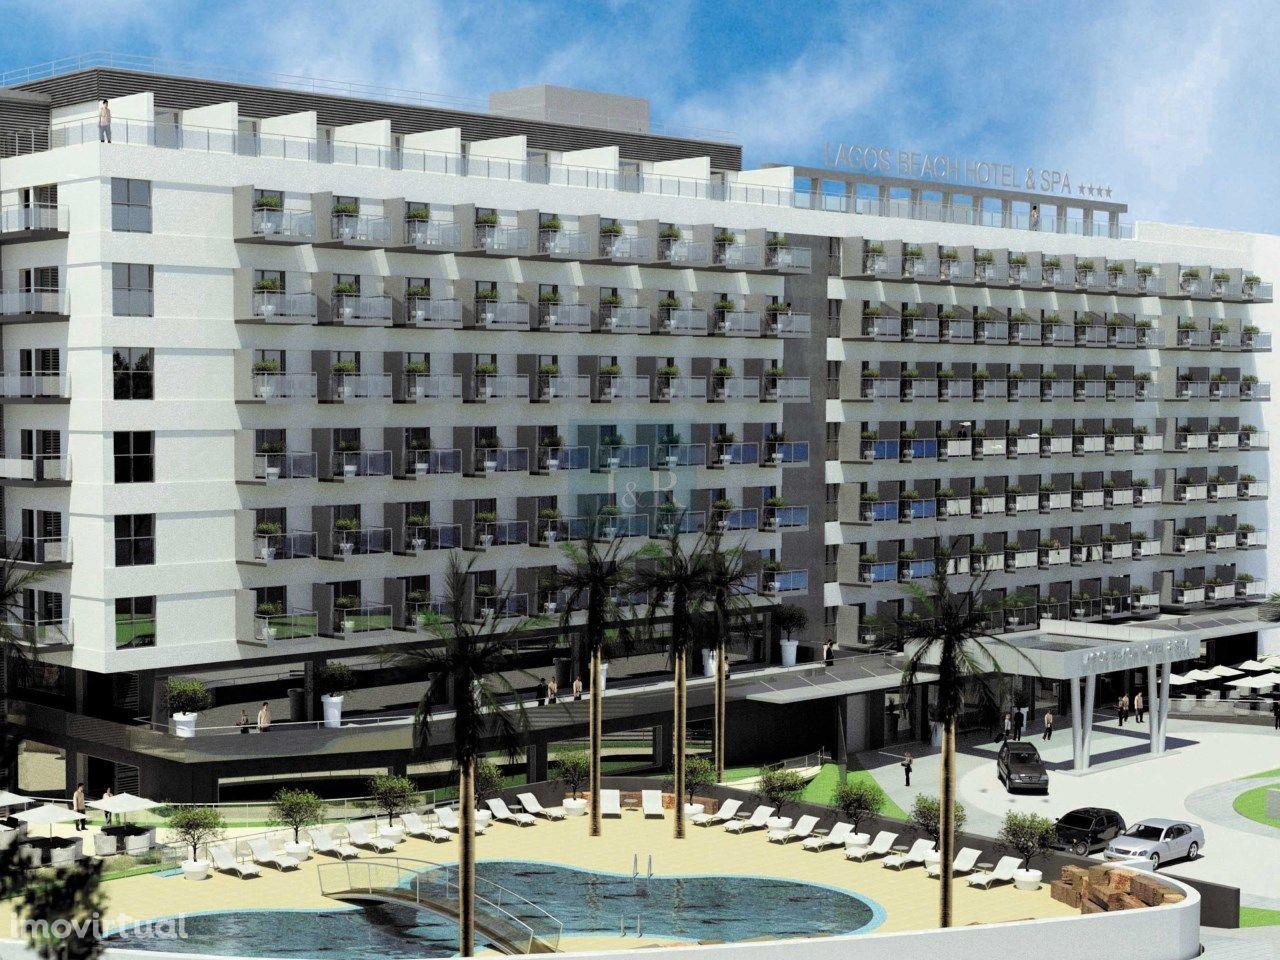 Lagos Beach & Hotel Spa